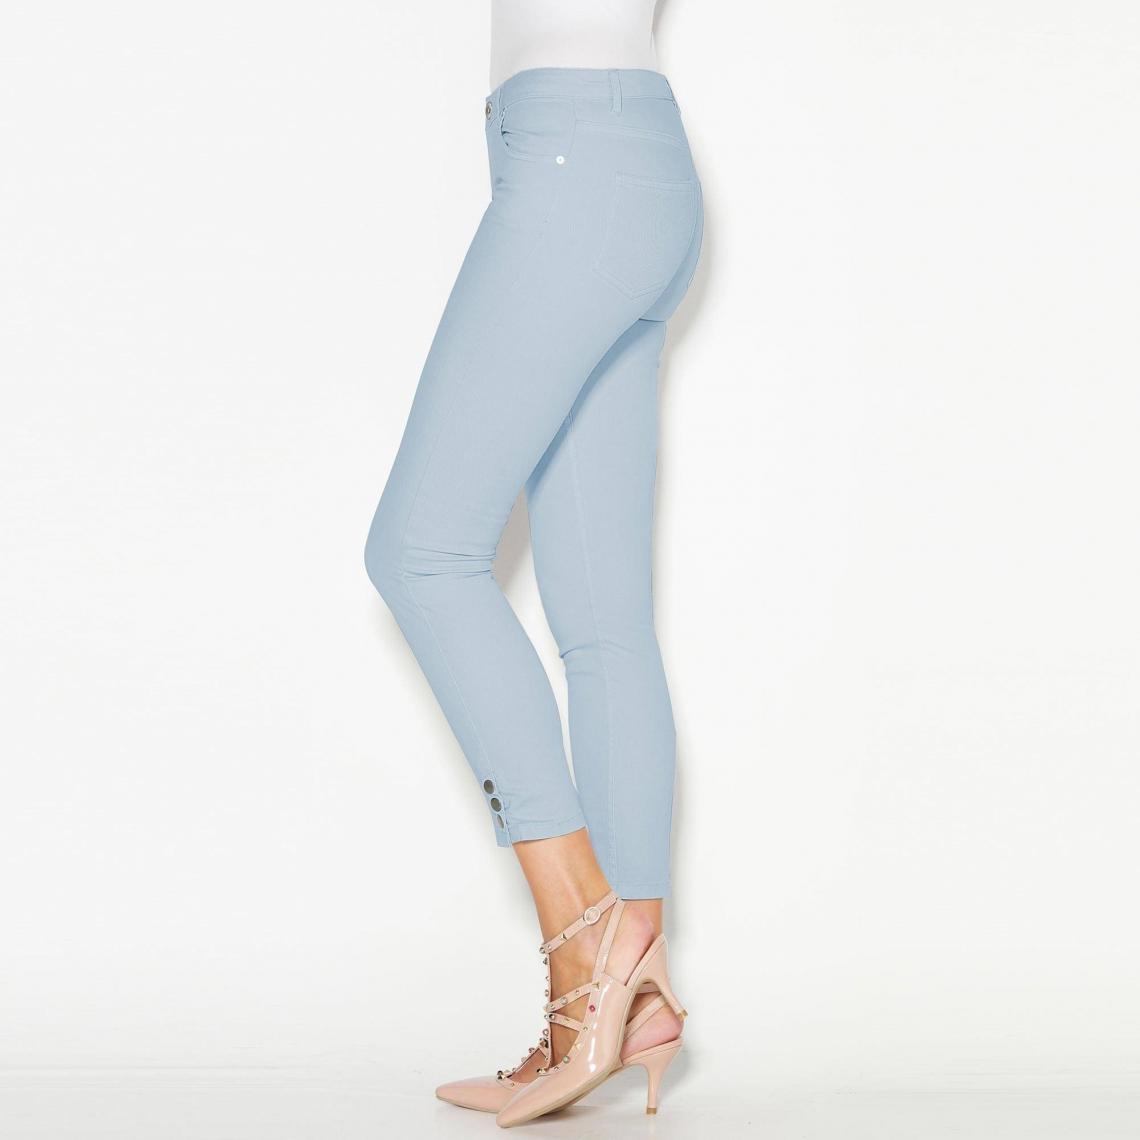 b0507bf4804e Pantalon skinny 5 poches pressions sur bas femme Exclusivité 3SUISSES - Bleu  3 SUISSES Femme